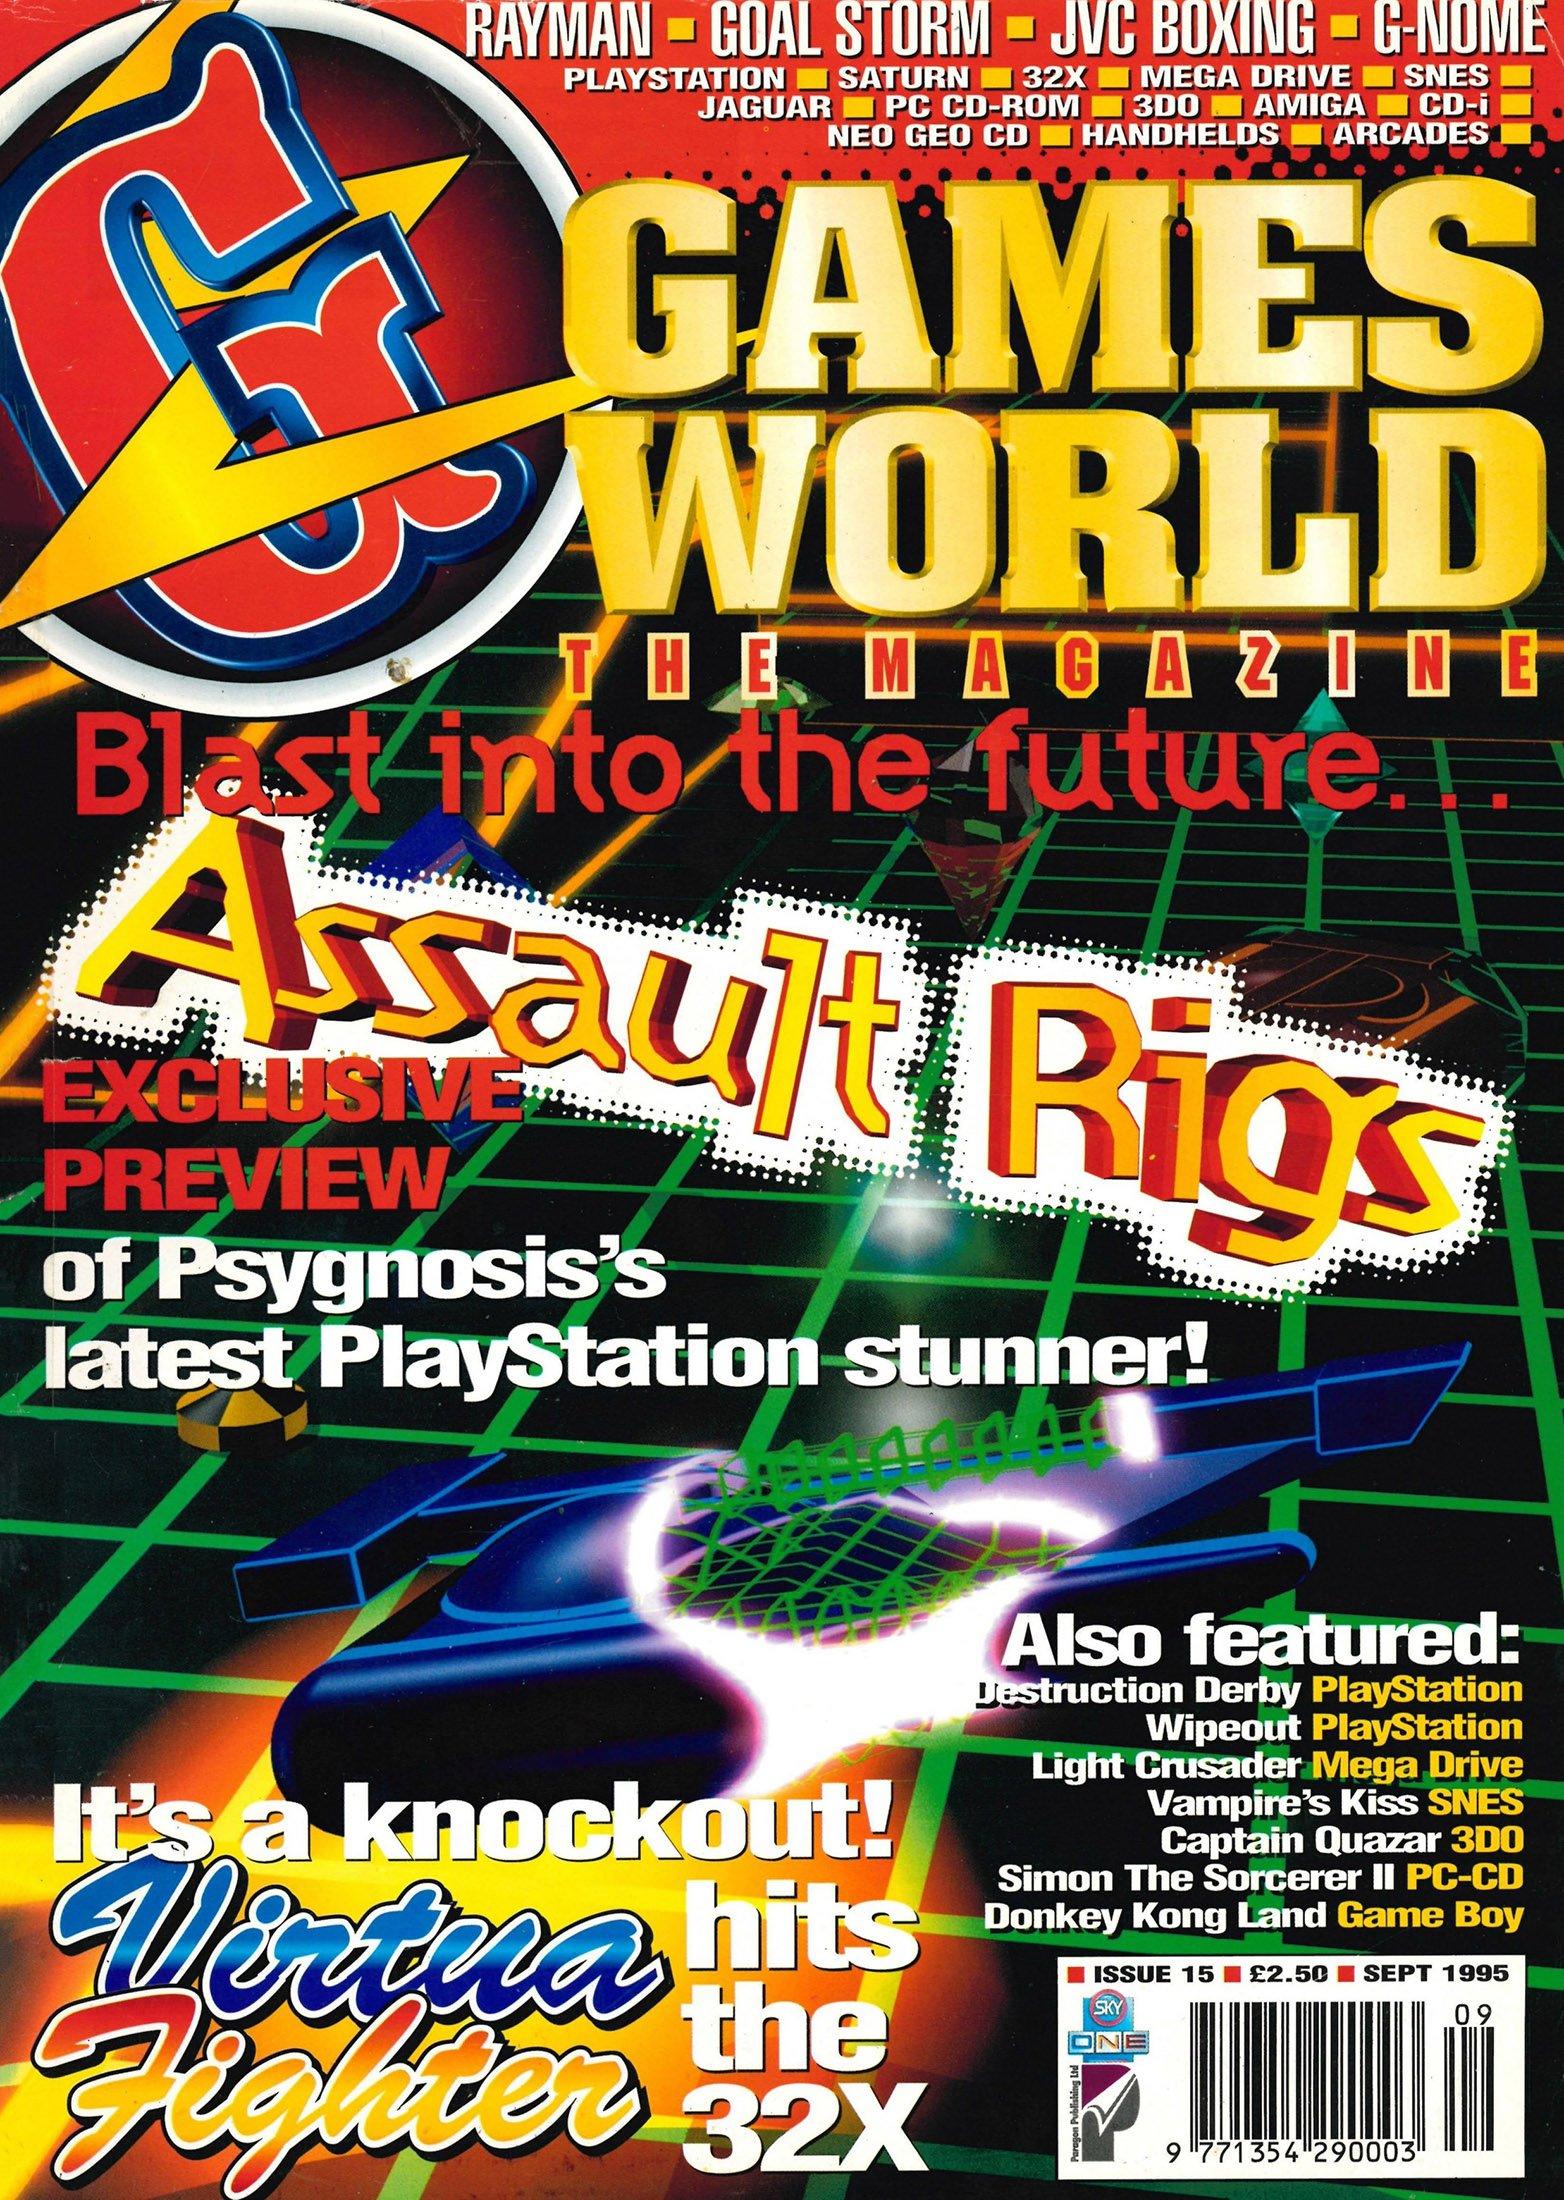 Games World Issue 15 (September 1995)